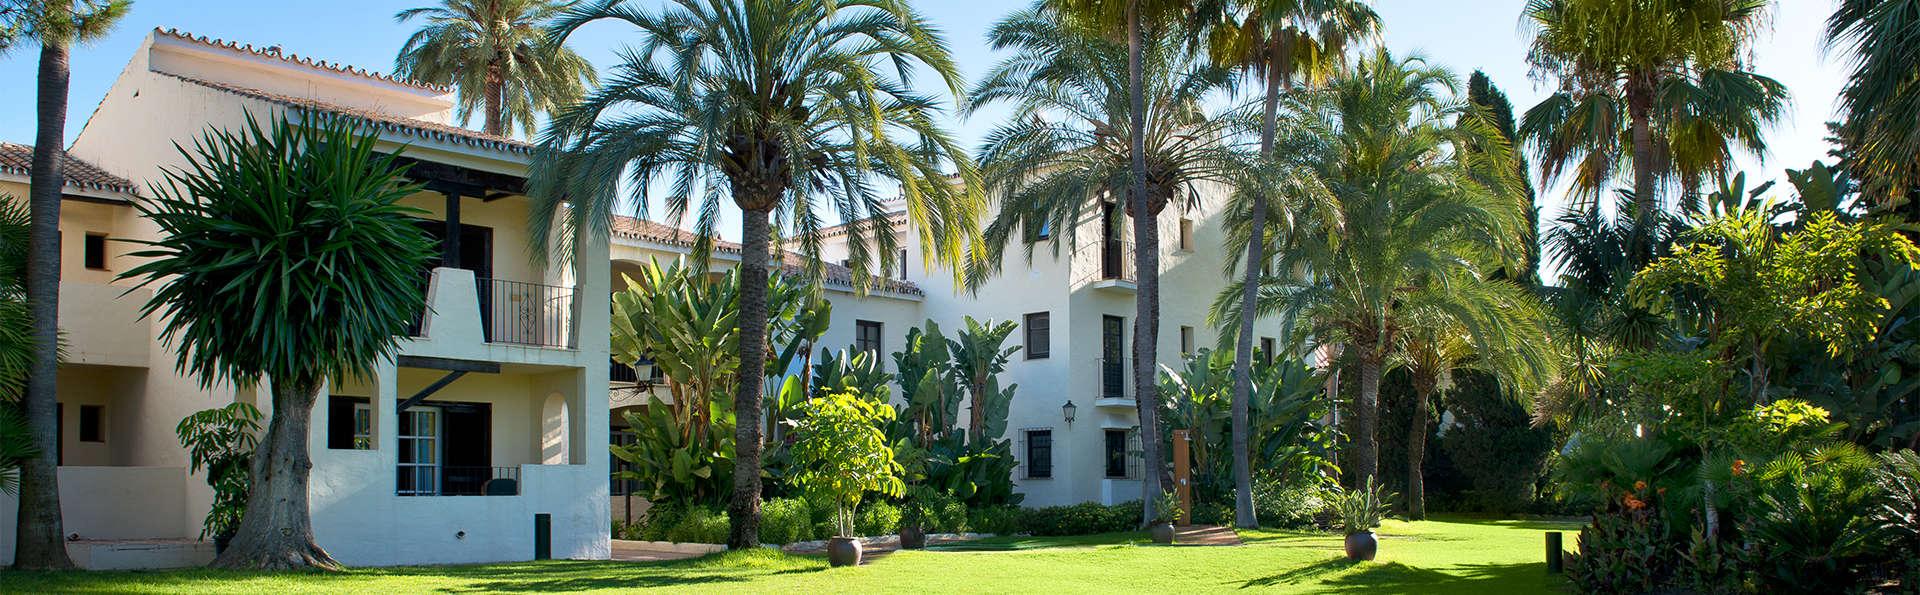 Profitez d'un séjour complet à Marbella en 4* : demi-pension et animation enfants